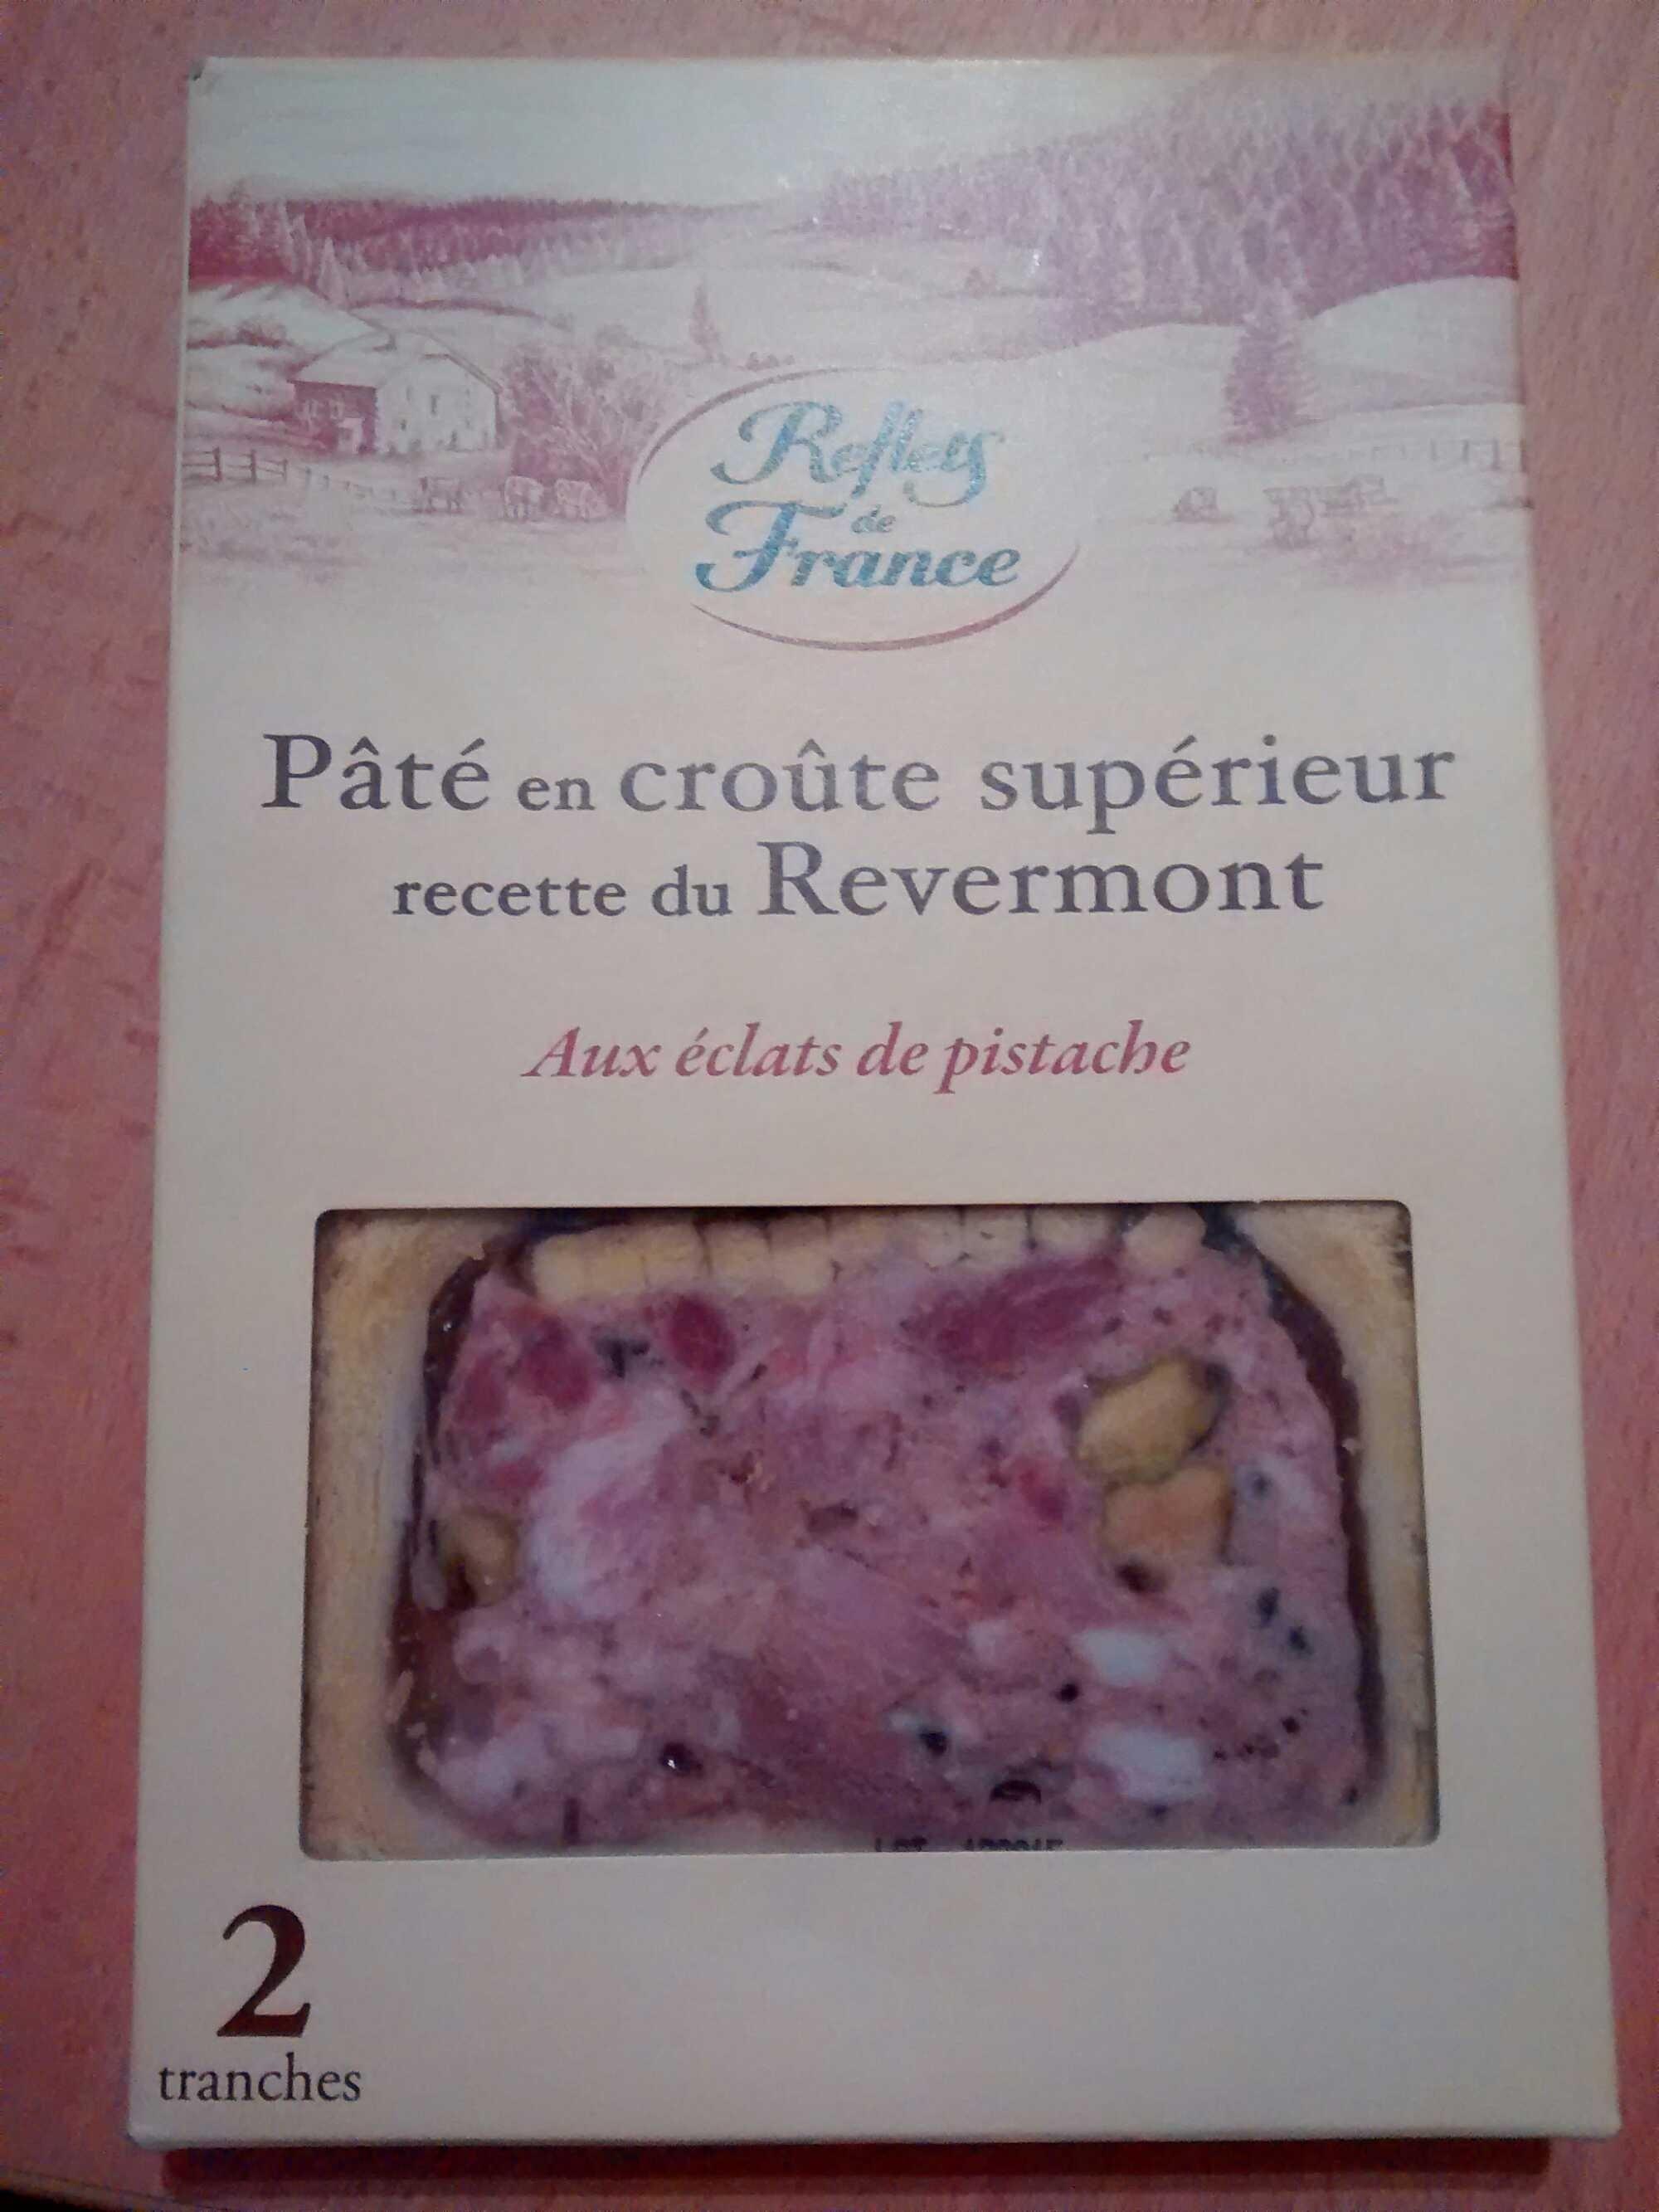 Pâté en croûte supérieur recette du Revermont (aux éclats de pistache) - Produit